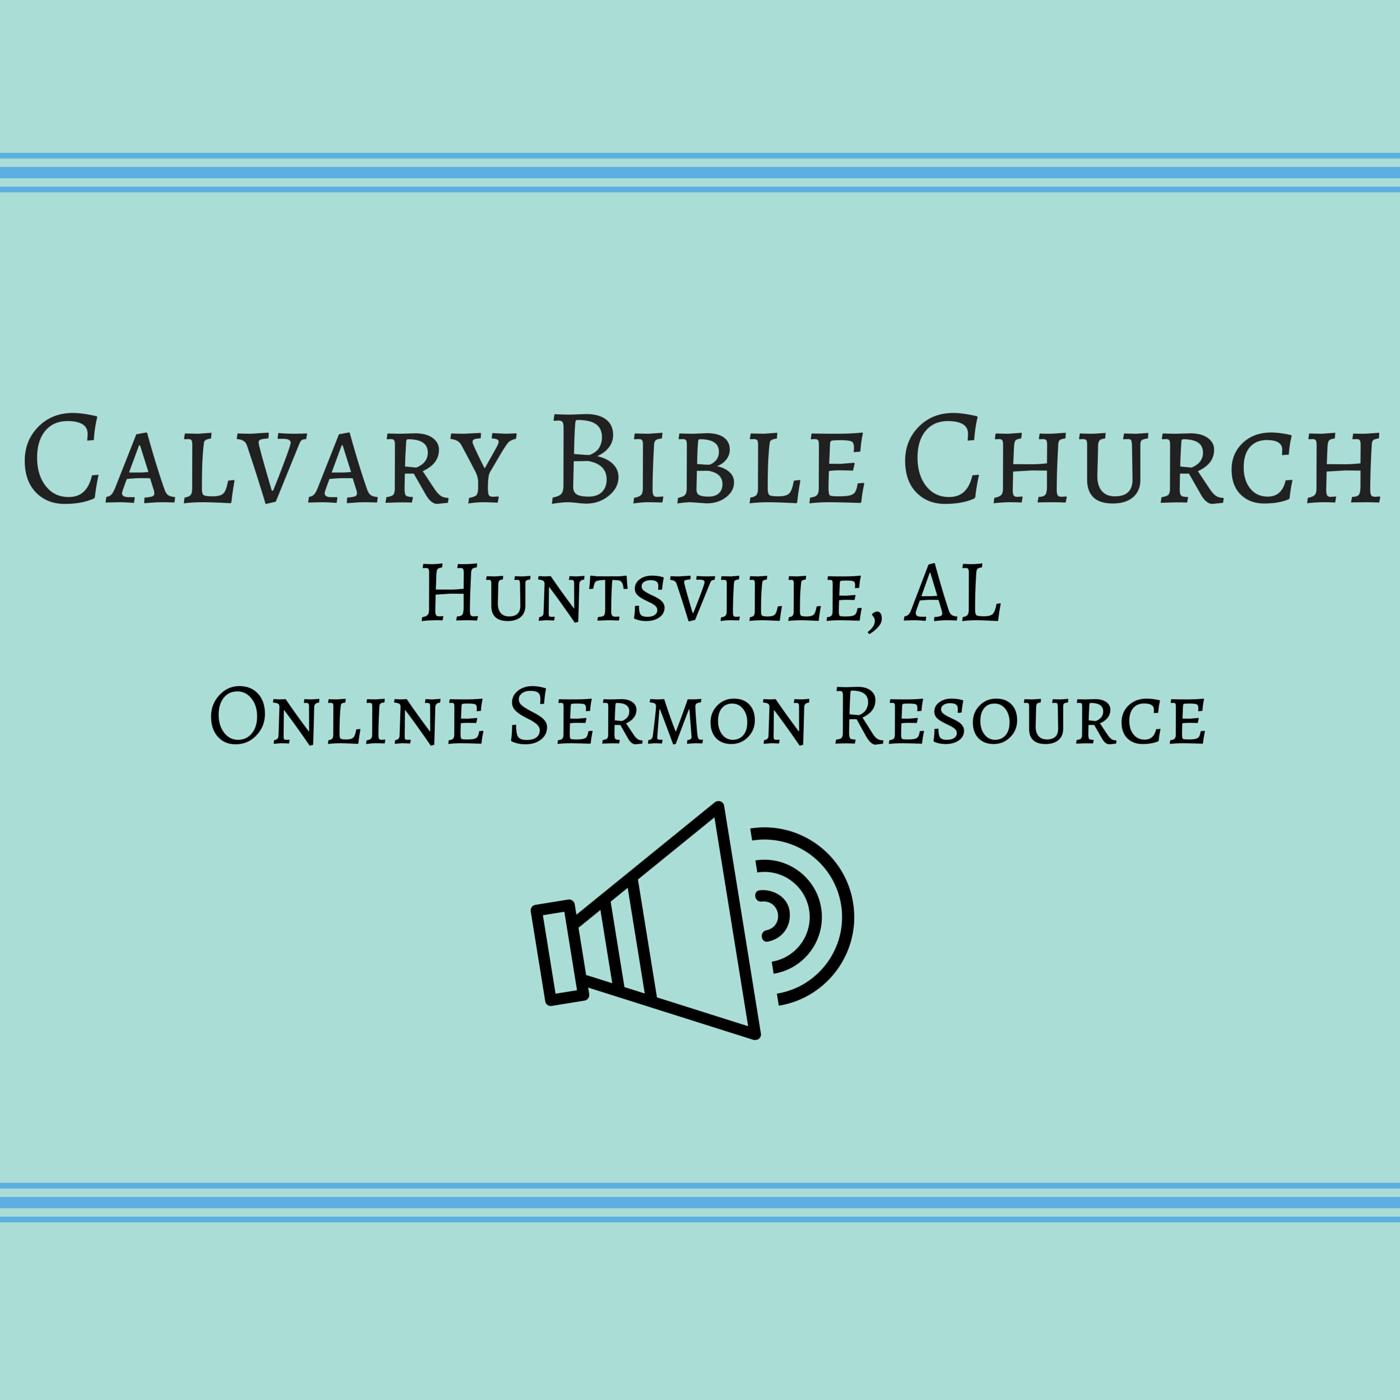 Calvary Bible Huntsville, AL Online Resource